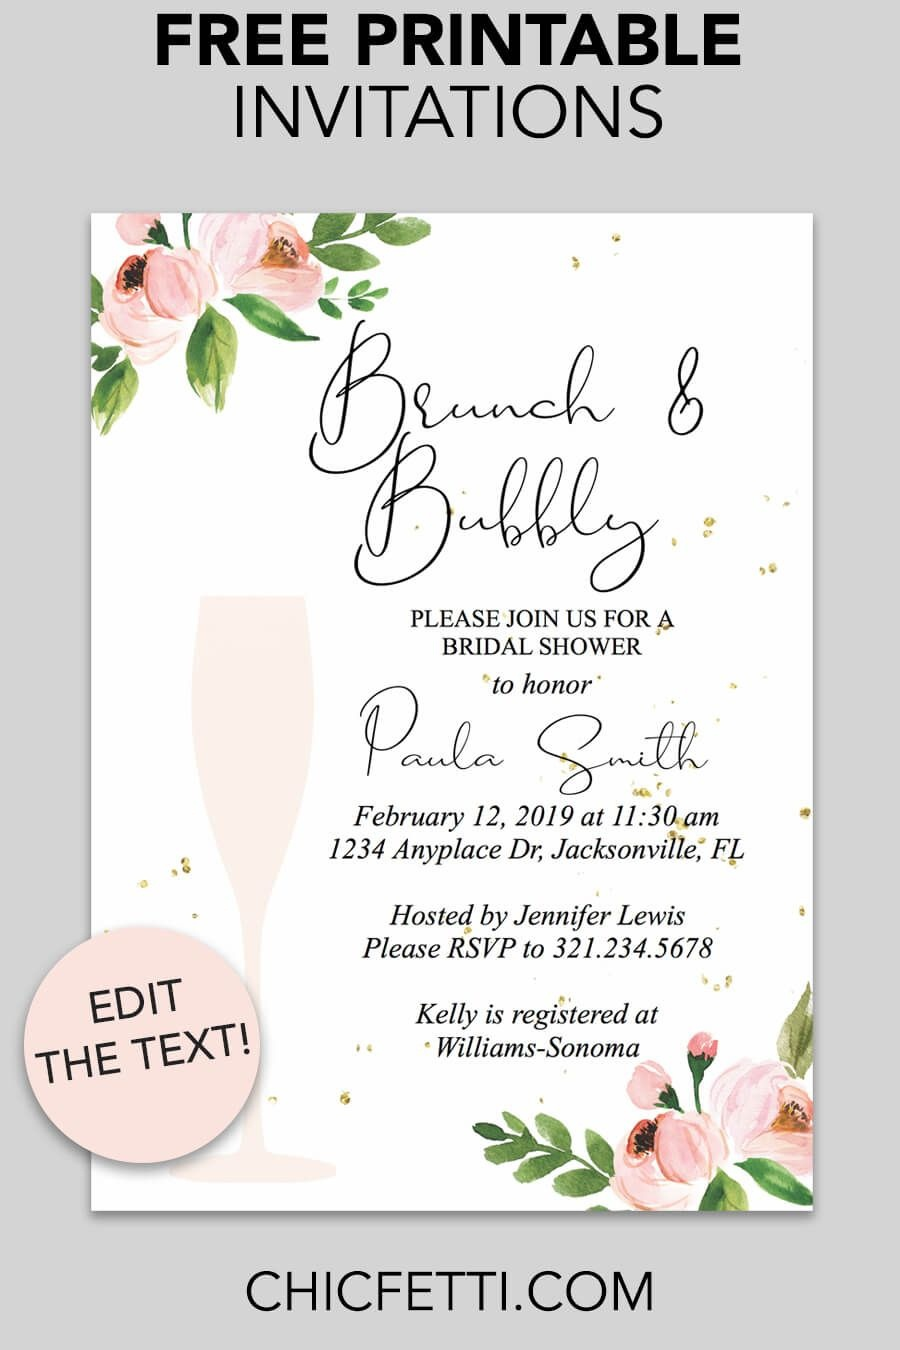 Bridal Shower Printable Invitation (Floral Bubbly   Invitations - Invitations Bridal Shower Free Printable